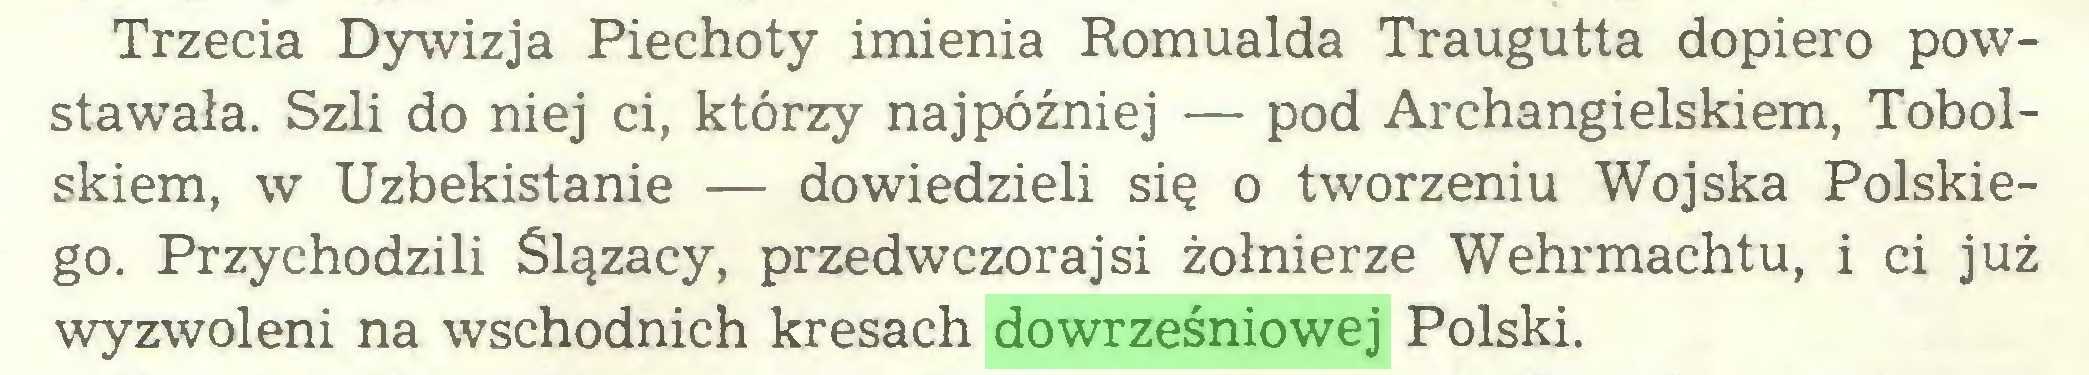 (...) Trzecia Dywizja Piechoty imienia Romualda Traugutta dopiero powstawała. Szli do niej ci, którzy najpóźniej — pod Archangielskiem, Tobolskiem, w Uzbekistanie — dowiedzieli się o tworzeniu Wojska Polskiego. Przychodzili Ślązacy, przedwczorajsi żołnierze Wehrmachtu, i ci już wyzwoleni na wschodnich kresach dowrześniowej Polski...